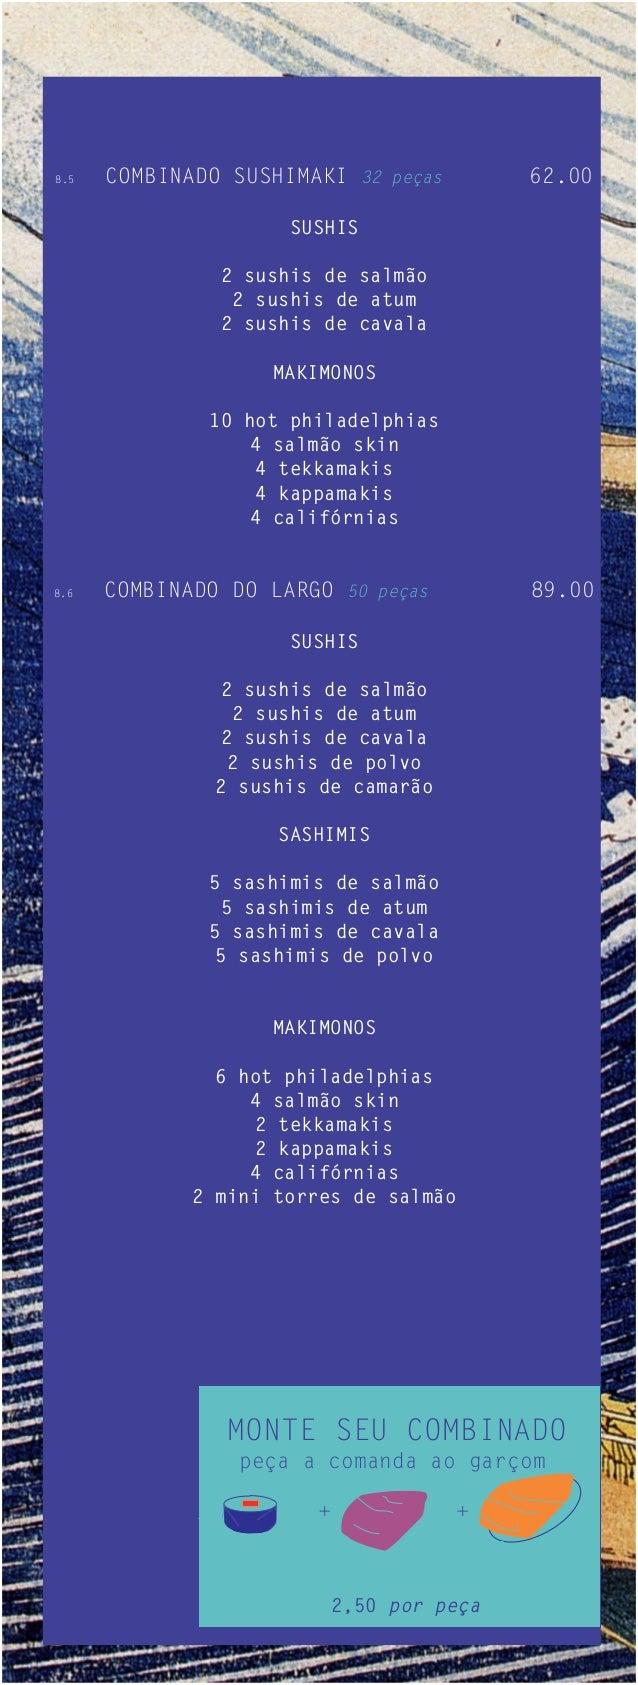 8.5   COMBINADO SUSHIMAKI 32 peças         62.00                     SUSHIS               2 sushis de salmão              ...